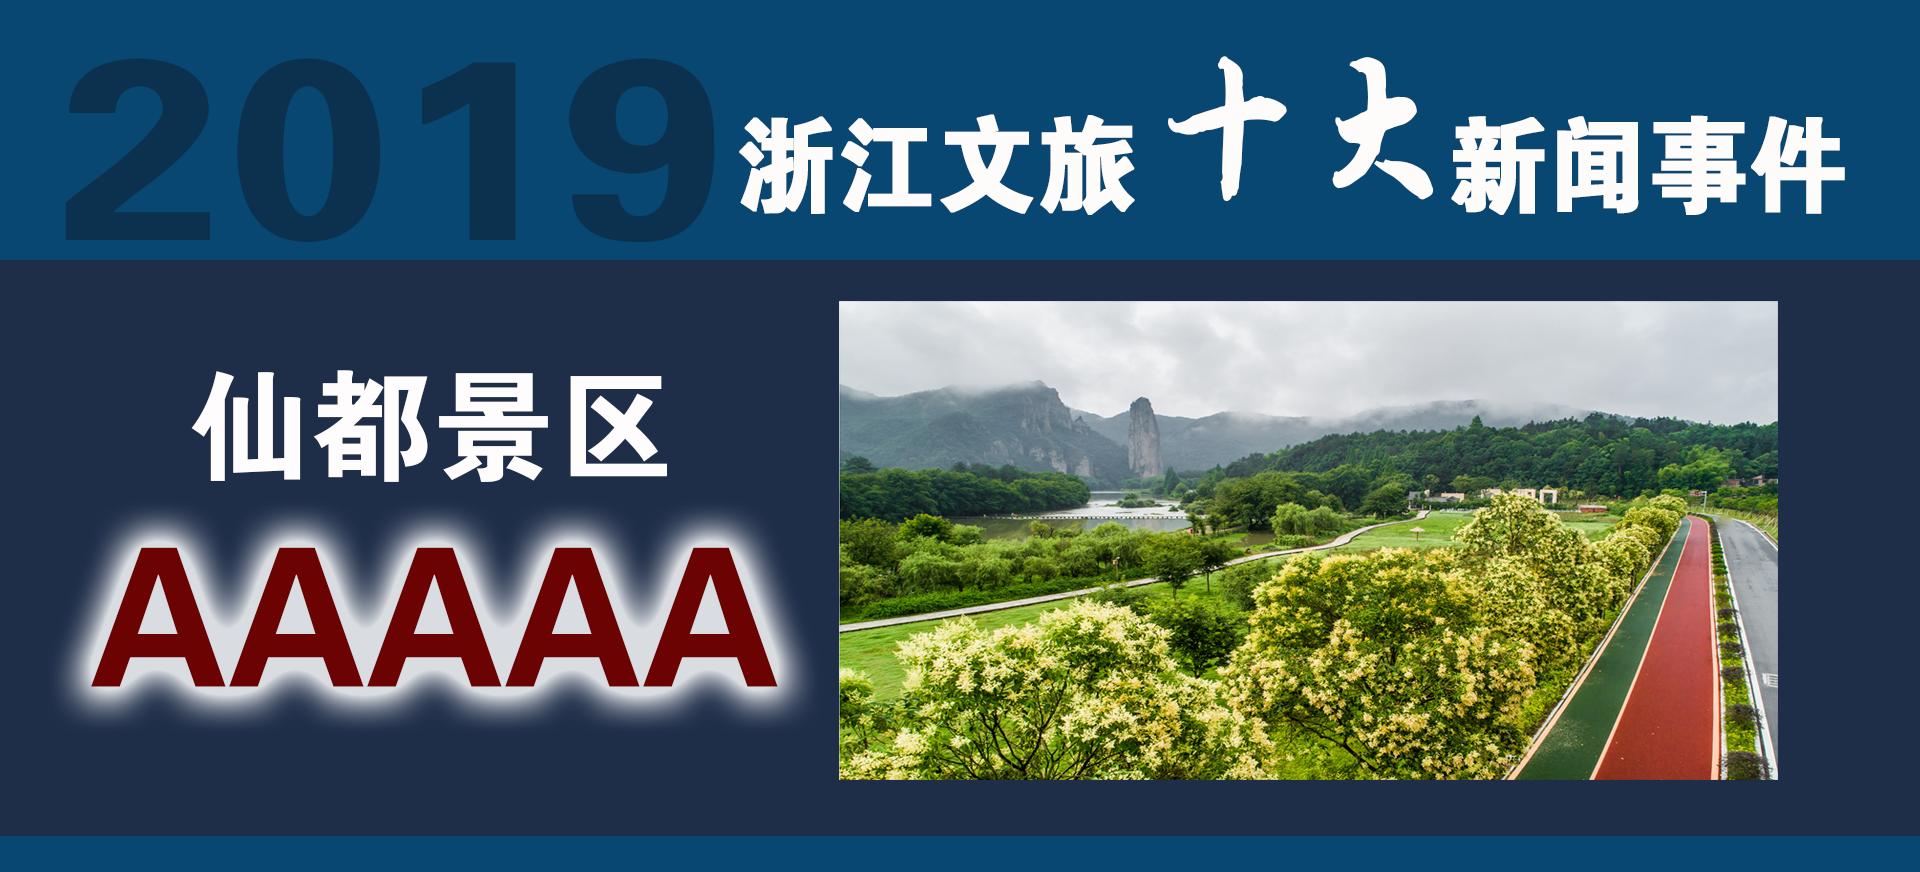 """""""仙都晋级国家5A""""入选浙江2019年文旅十大新闻事件"""